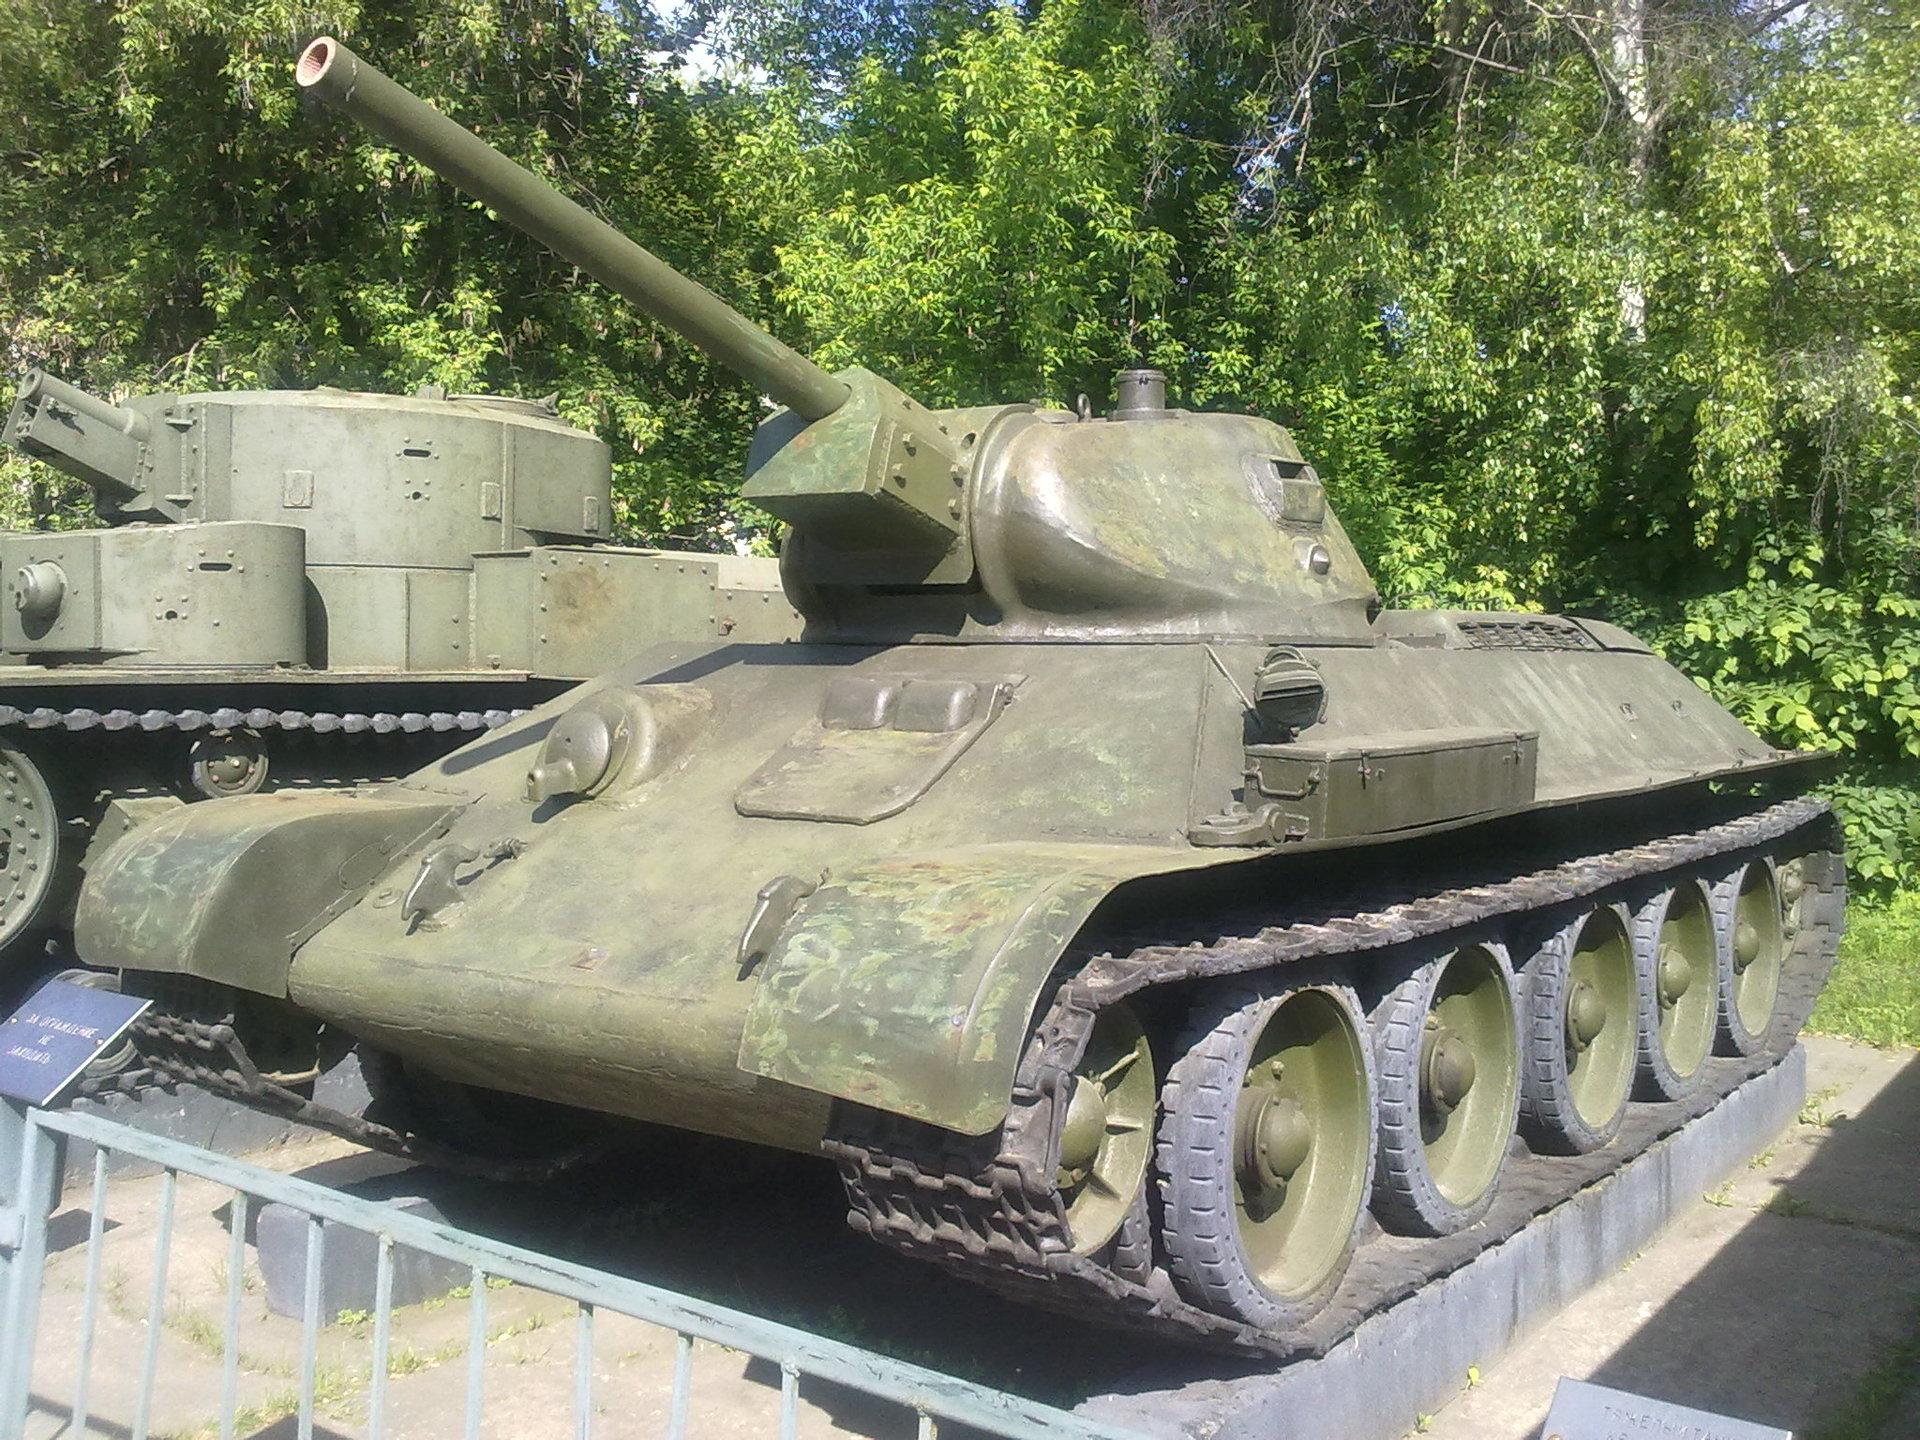 Ноу-хау советской армии во второй мировой и Великой Отечественной войне